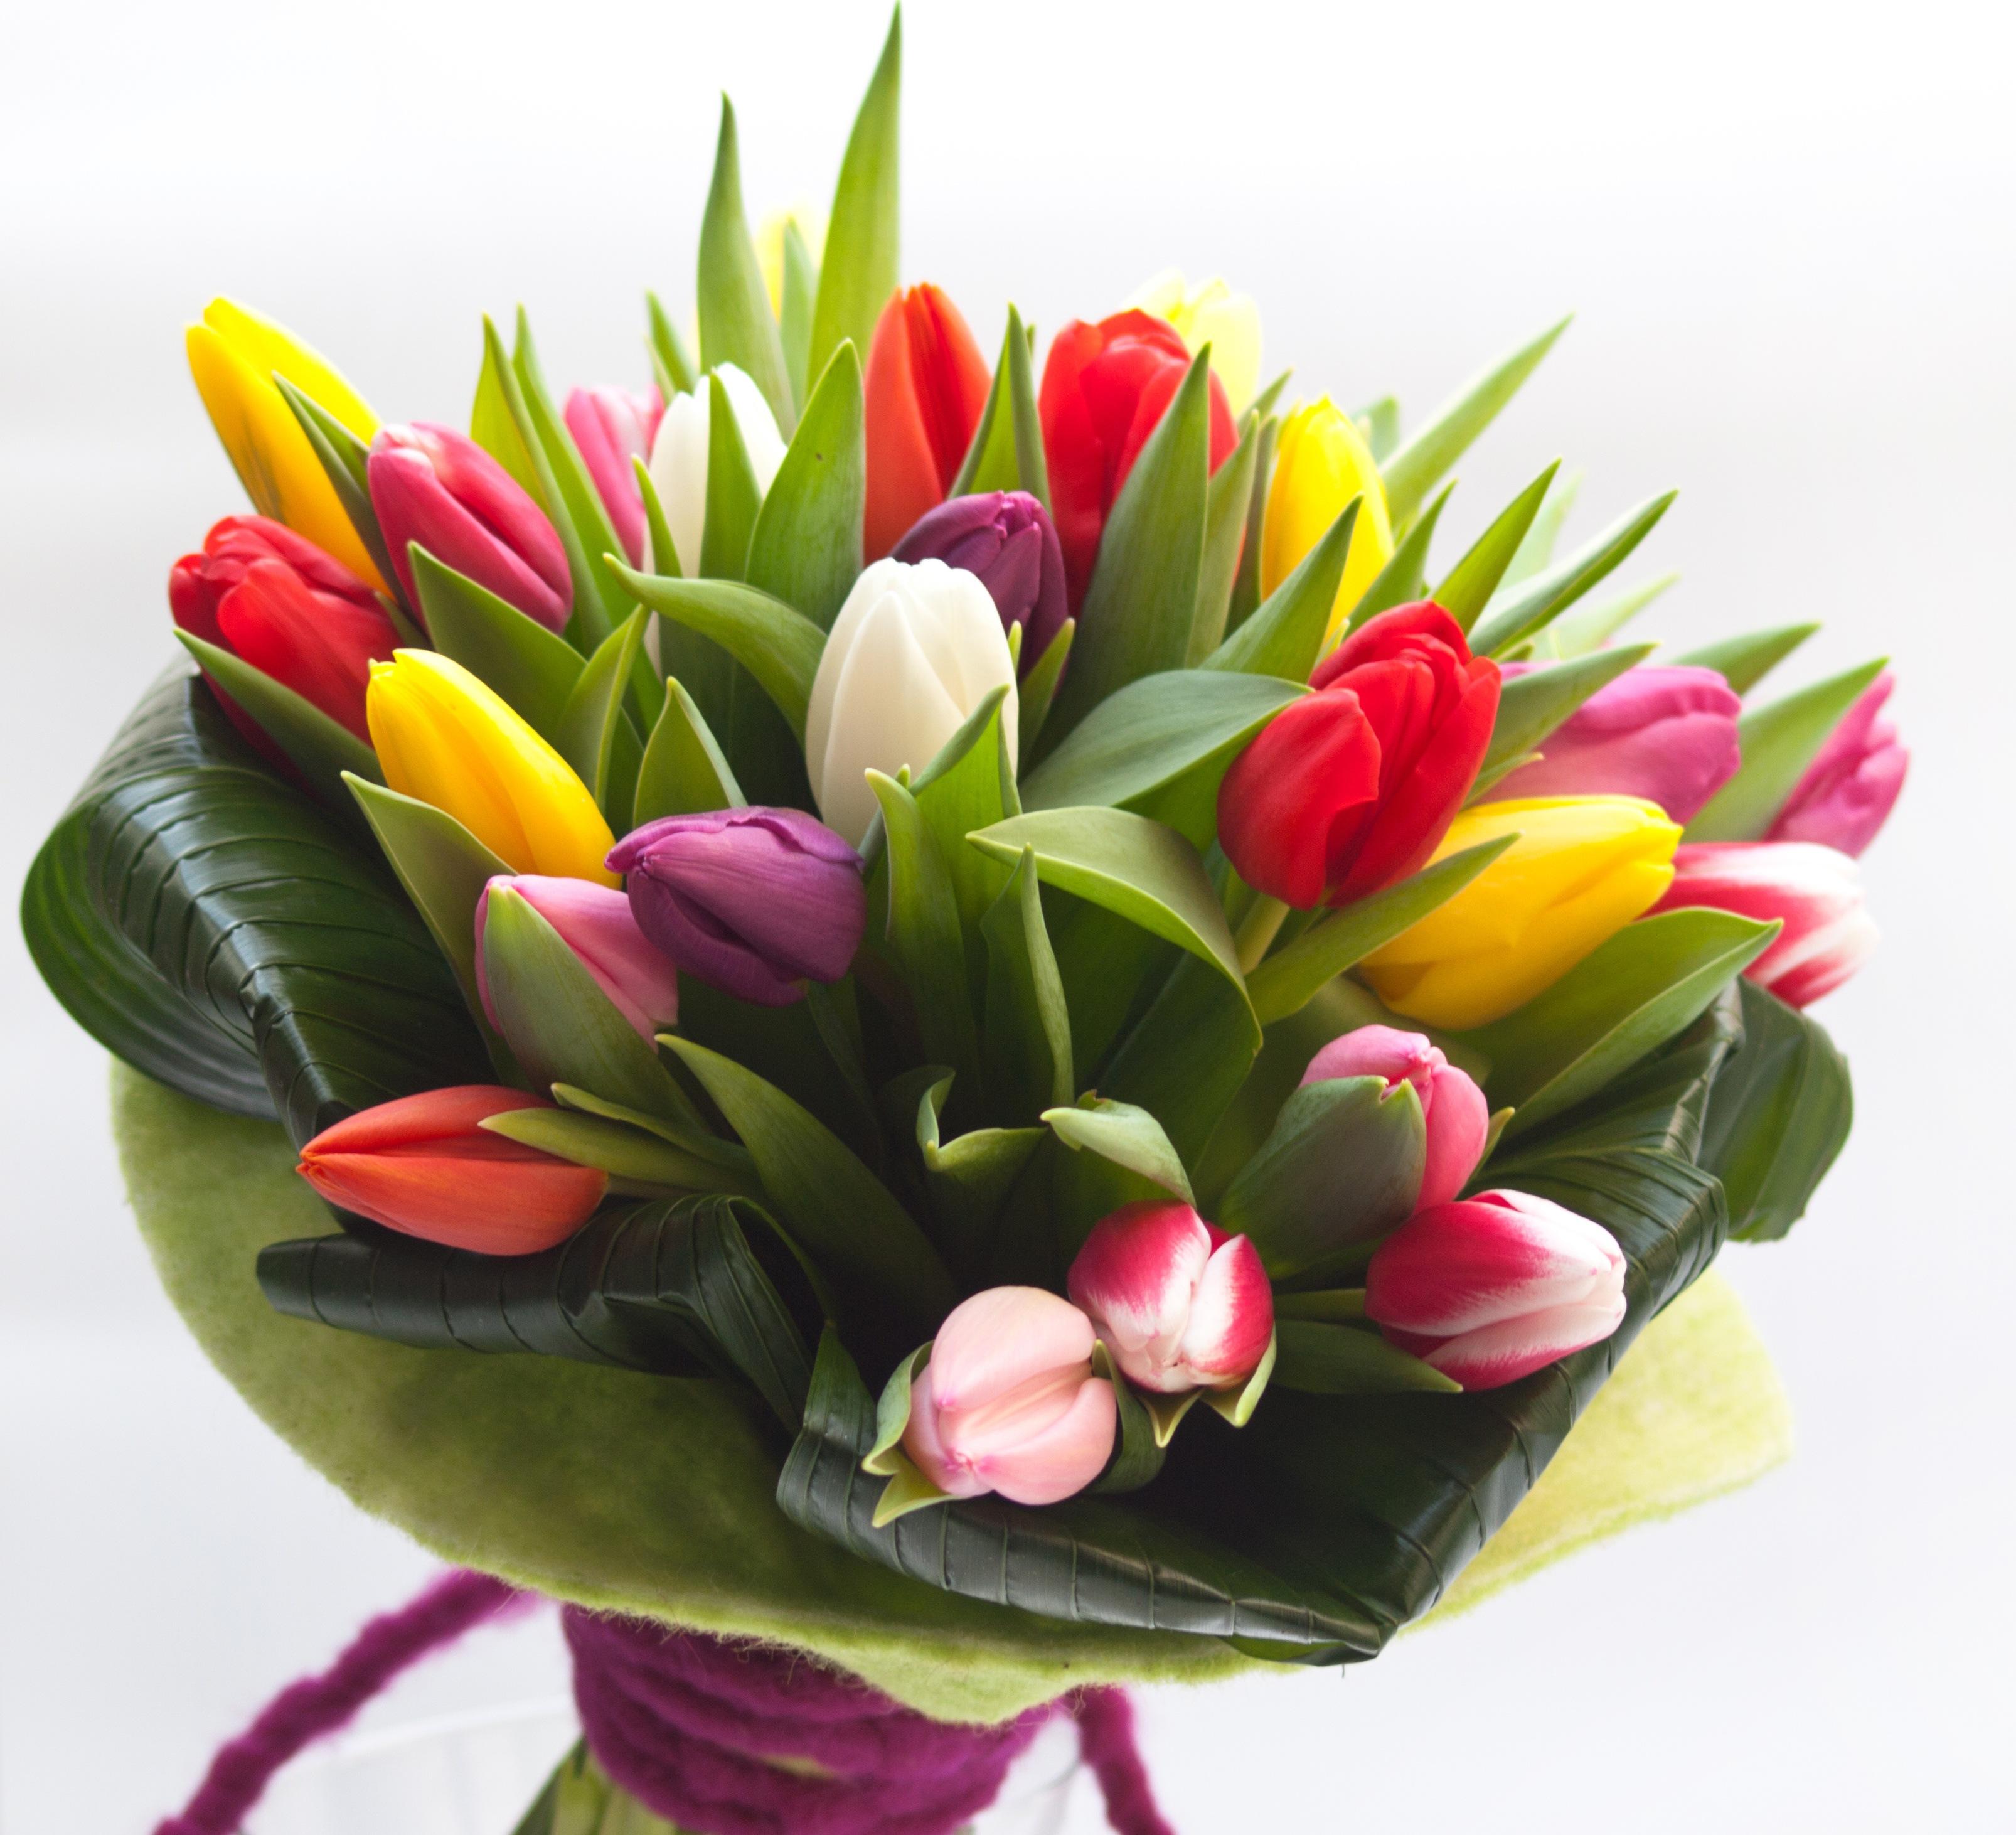 Come piantare bulbi di tulipano in casa